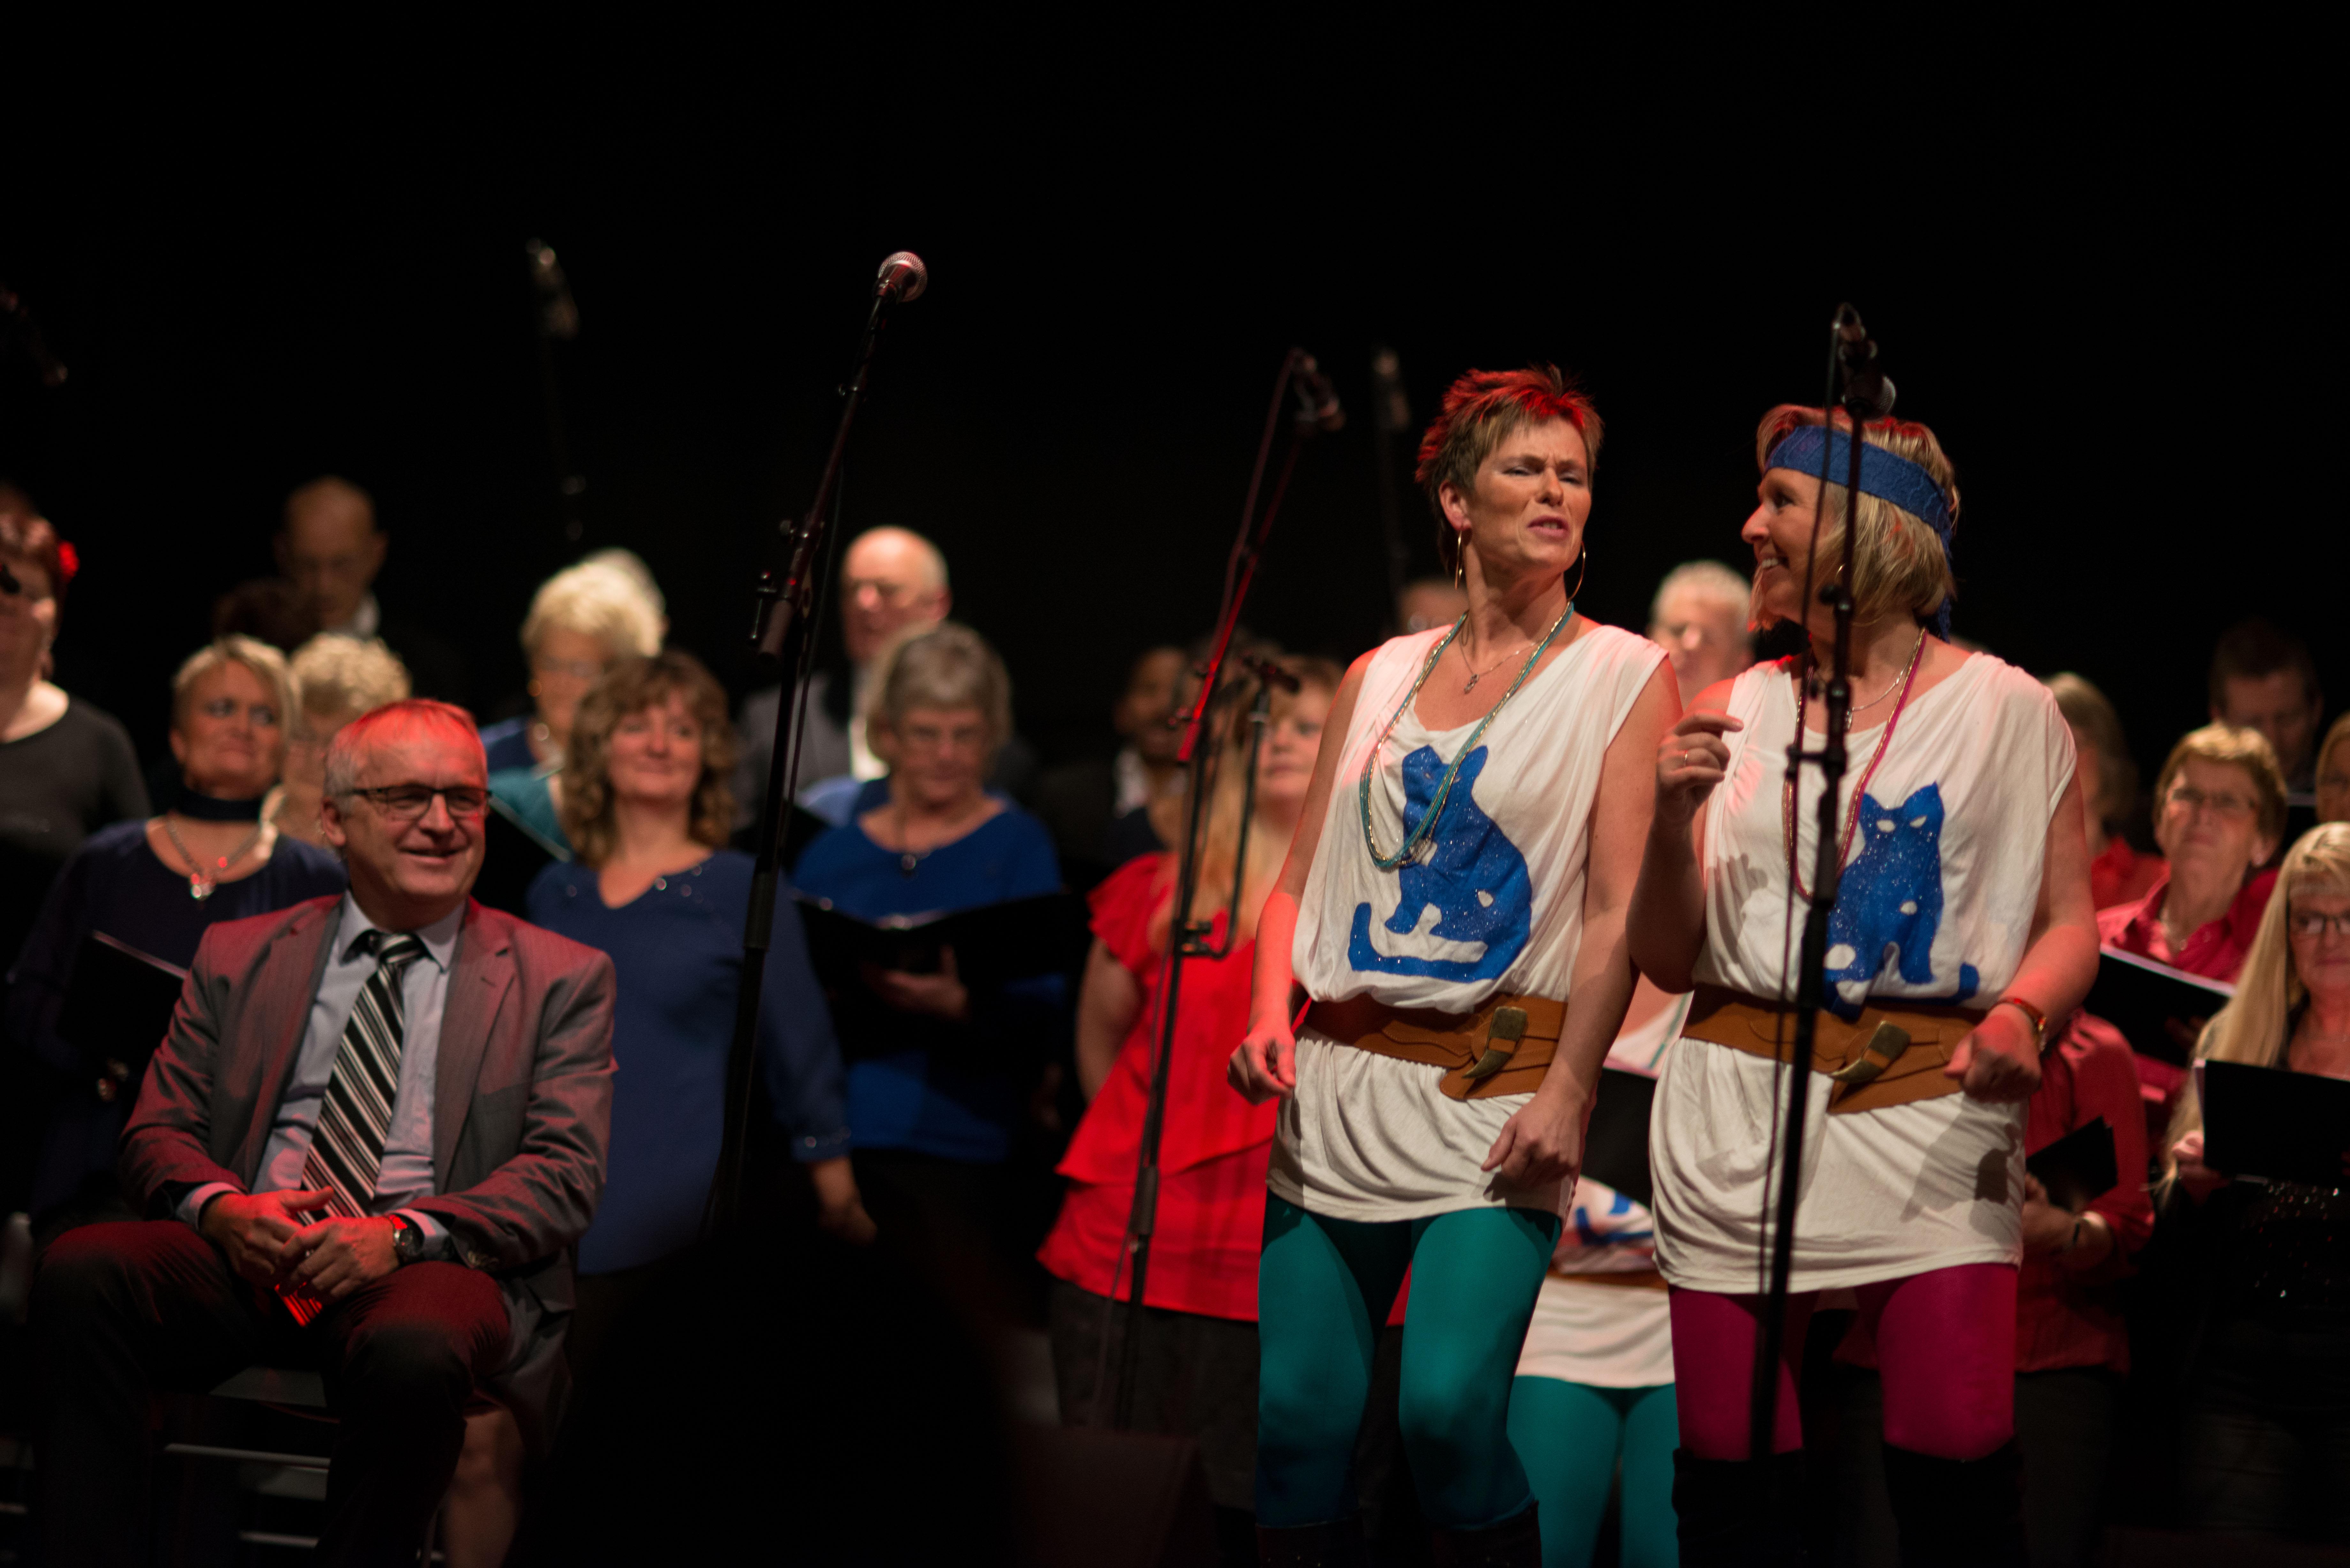 Liv og Solveig - Musikalmix 2013 - Foto: Sian O'Hara